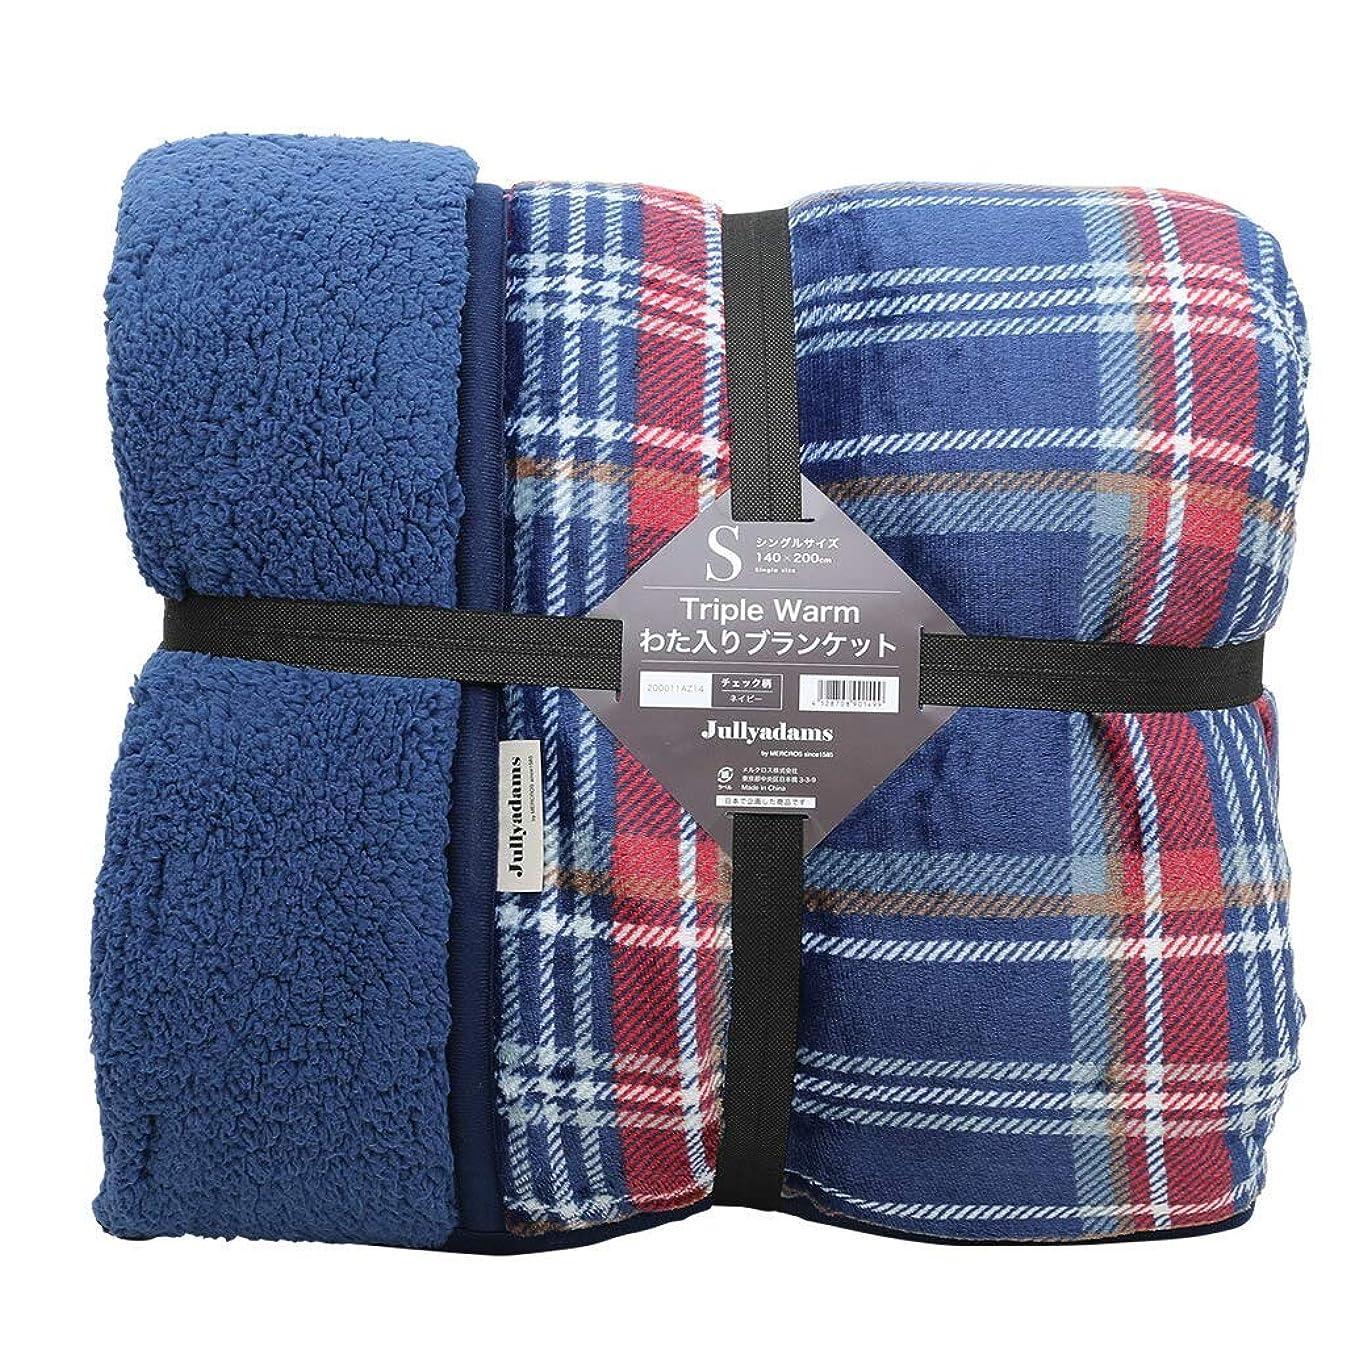 貼り直す良心的呼吸するジュリーアダムス トリプルウォーム 綿入り毛布 シングル 2枚合せ 吸湿発熱 HEATWARM/ネイビー